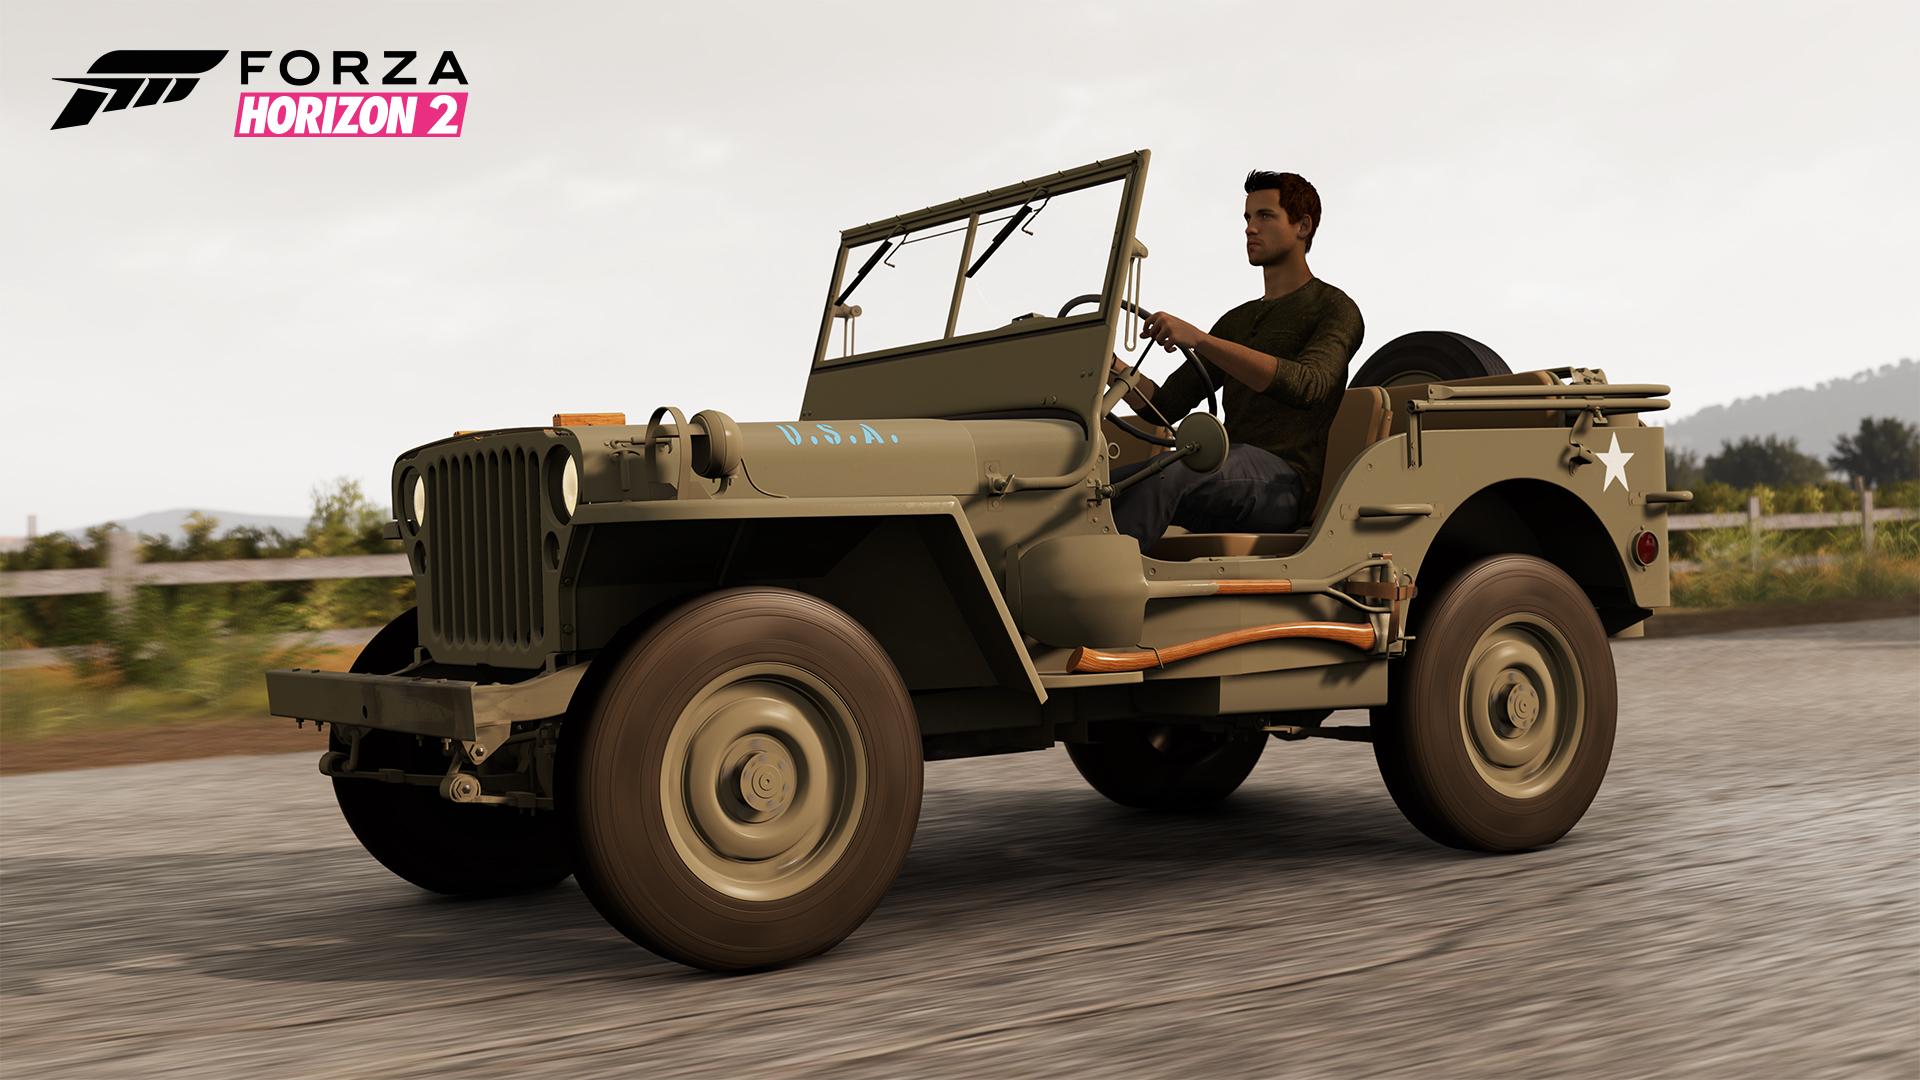 Revelados os primeiros 100 carros para Forza Horizon 2 JeepWillys_WM_CarReveal_Week1_ForzaHorizon2